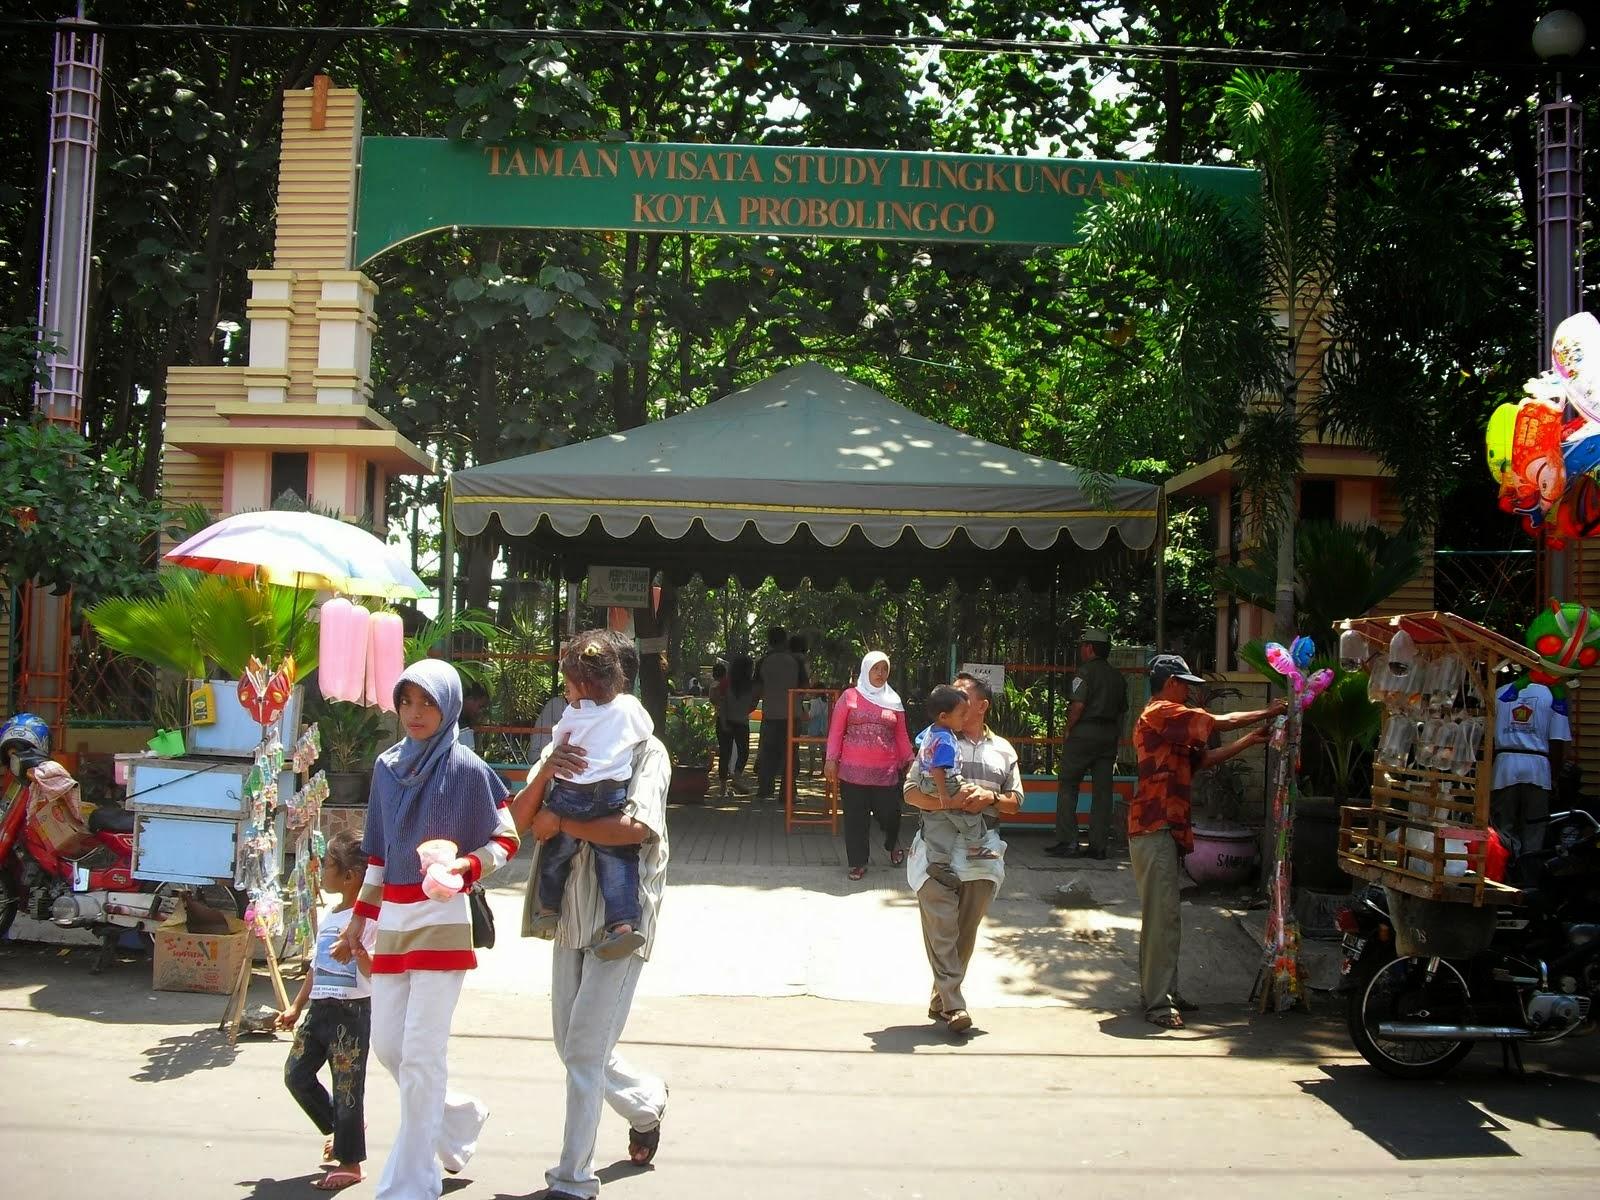 5 Tempat Wisata Probolinggo Bisa Kunjungi Taman Studi Lingkungan Twsl